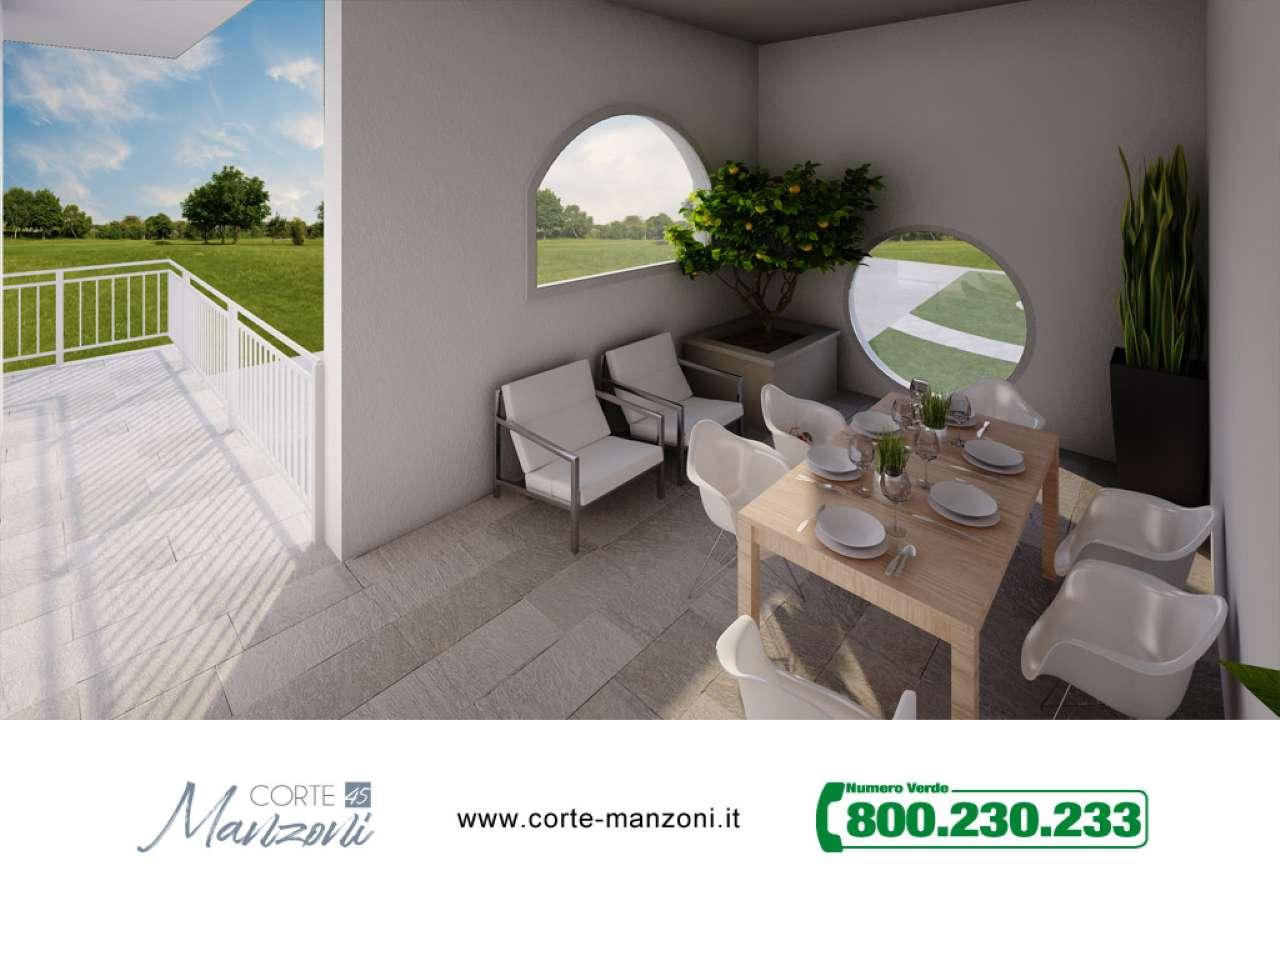 Nuovo appartamento di tre locali in Corte Manzoni, foto 10